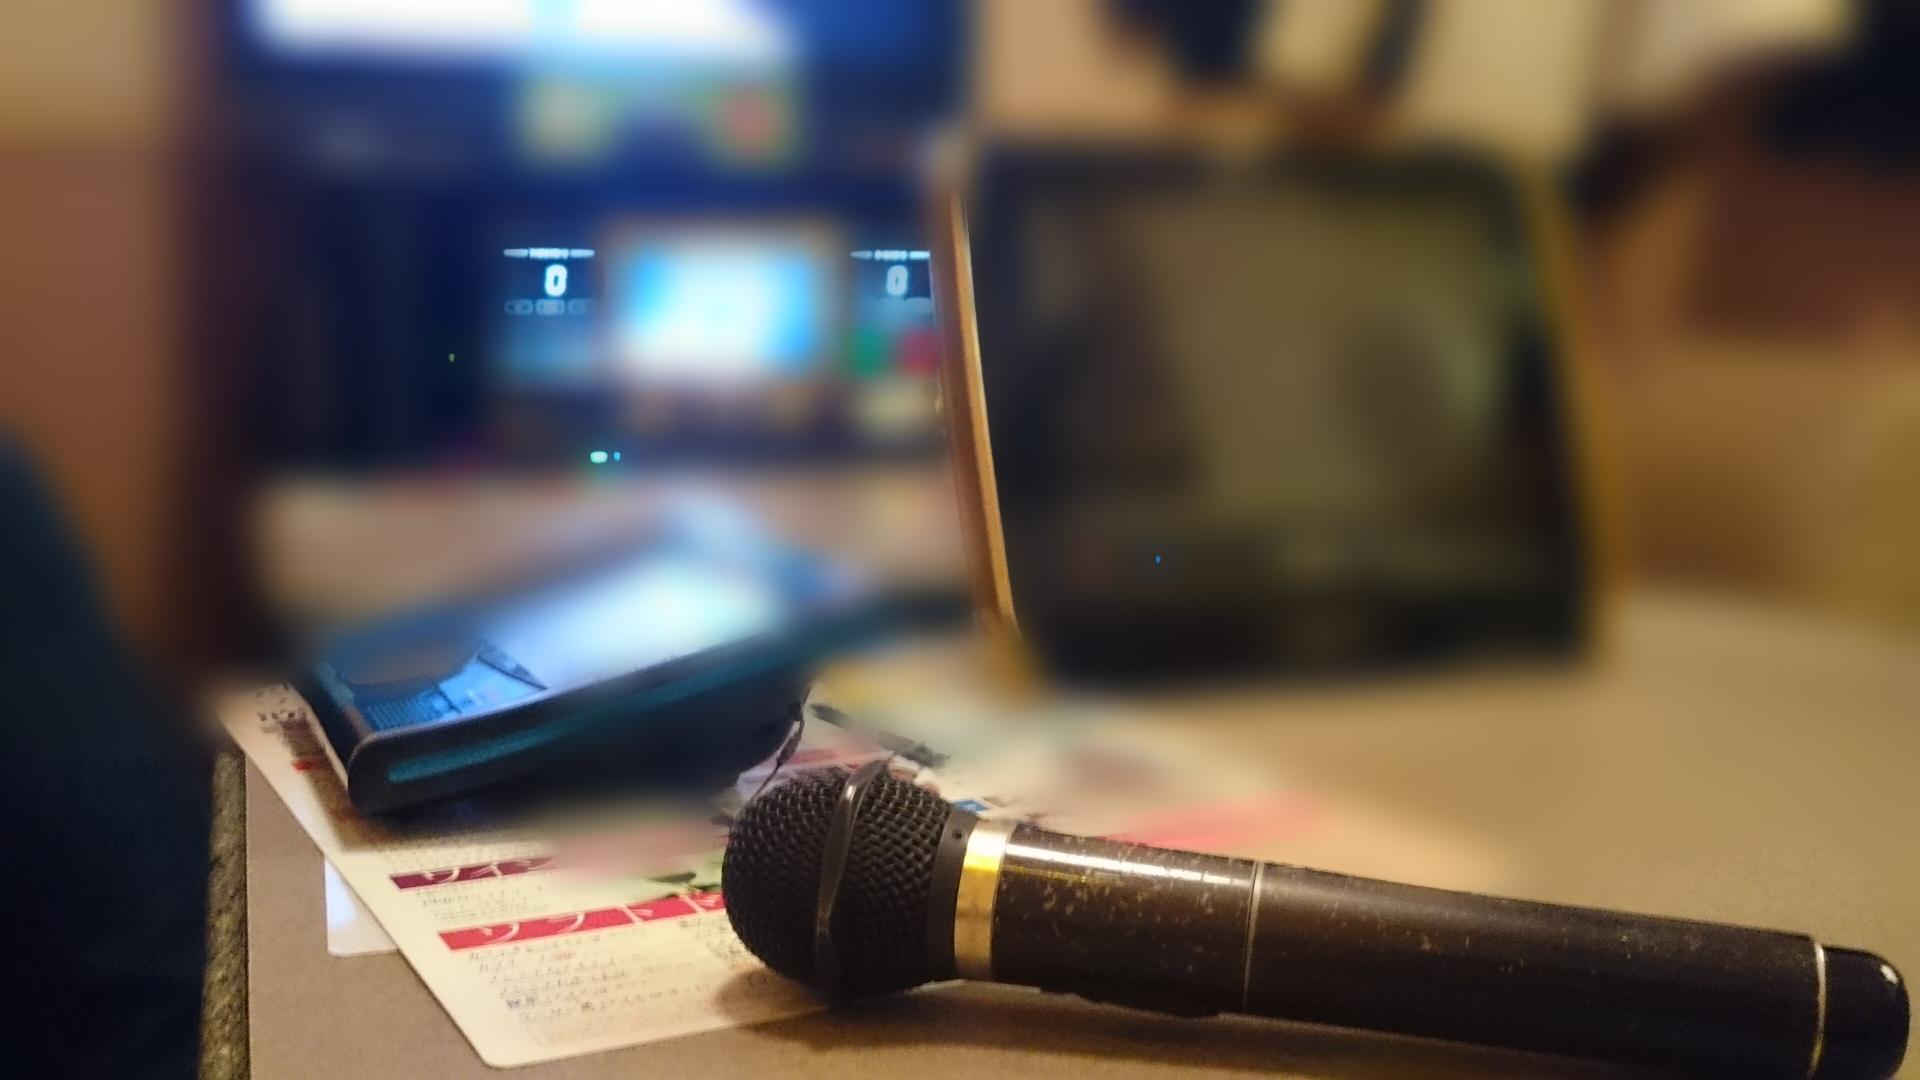 【カラオケ】男の最低音の平均がmidAってことはヤマトが歌えないのか?